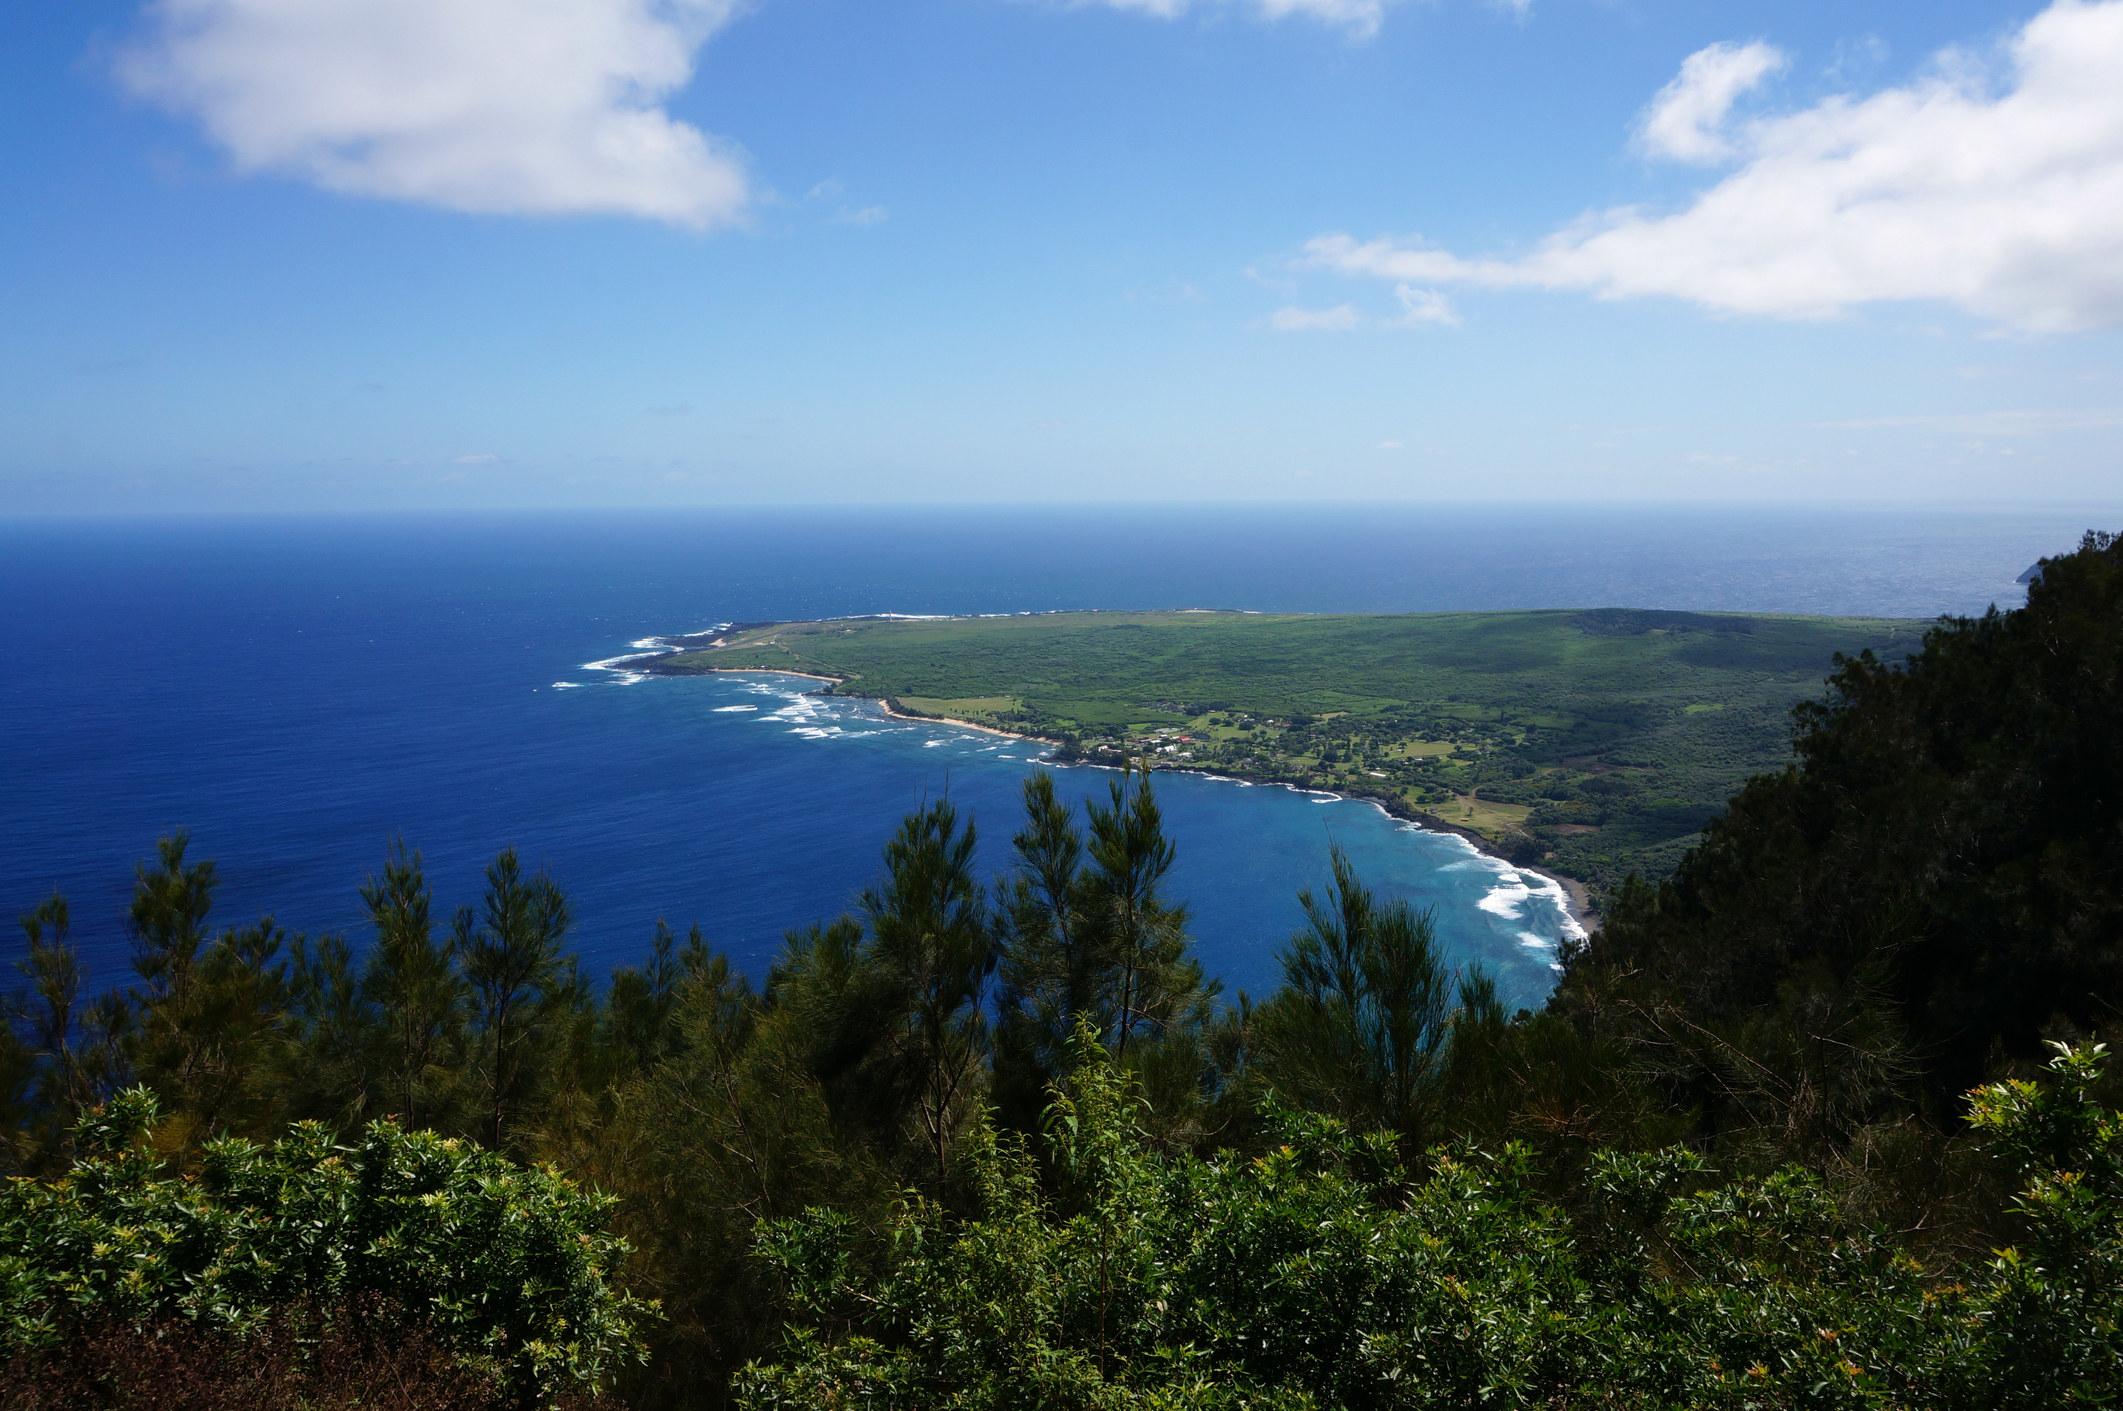 A peninsula sticking out in a dark blue ocean